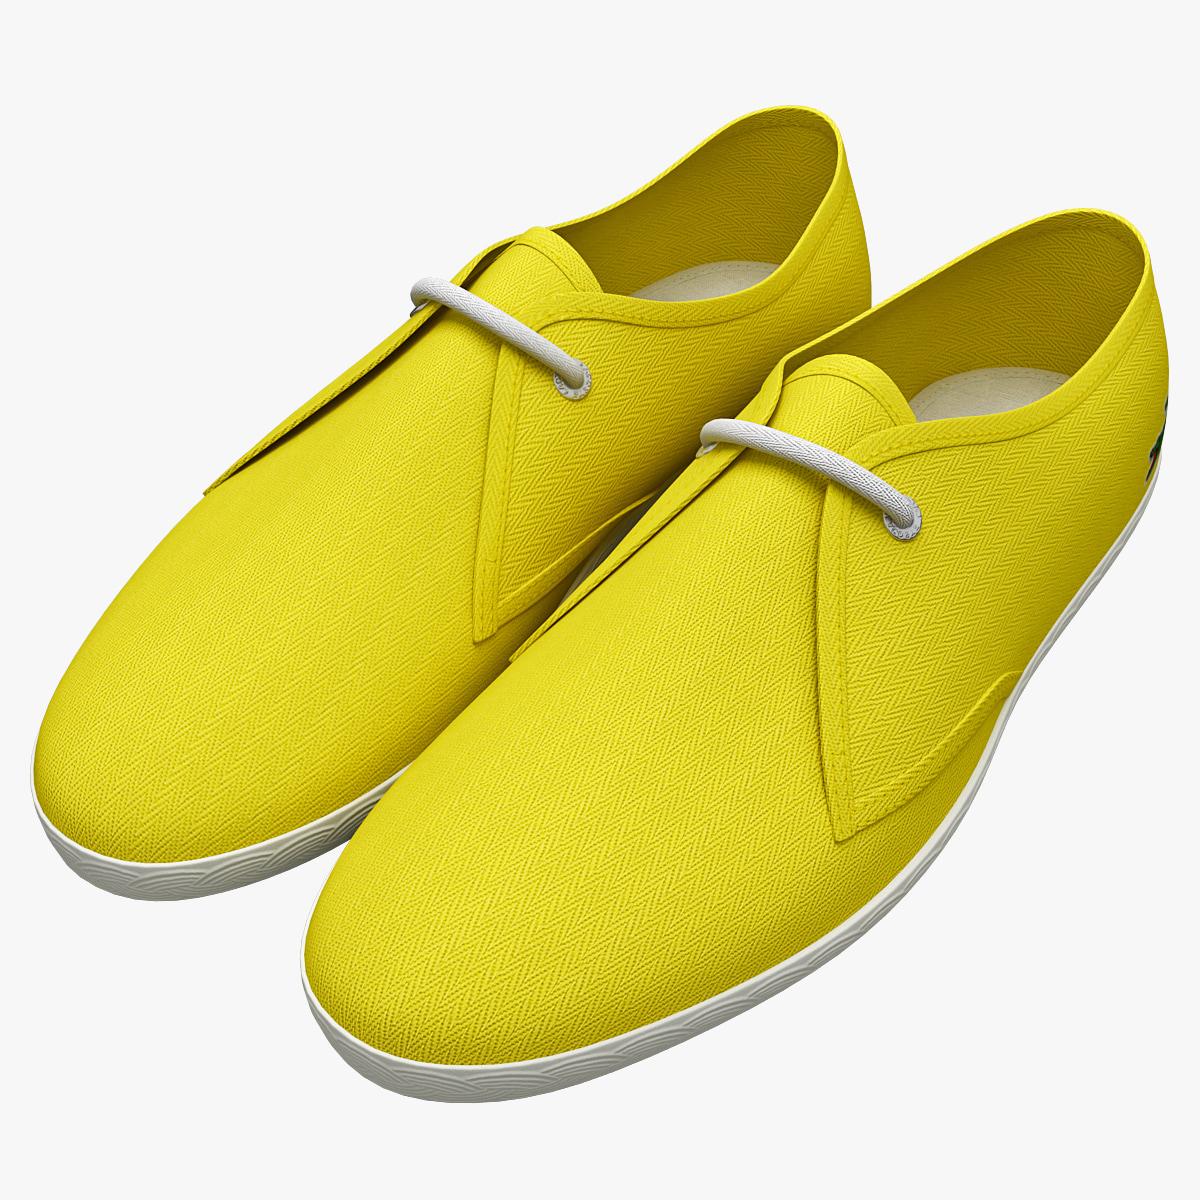 Mans_Shoes_Lacoste_0002.jpg